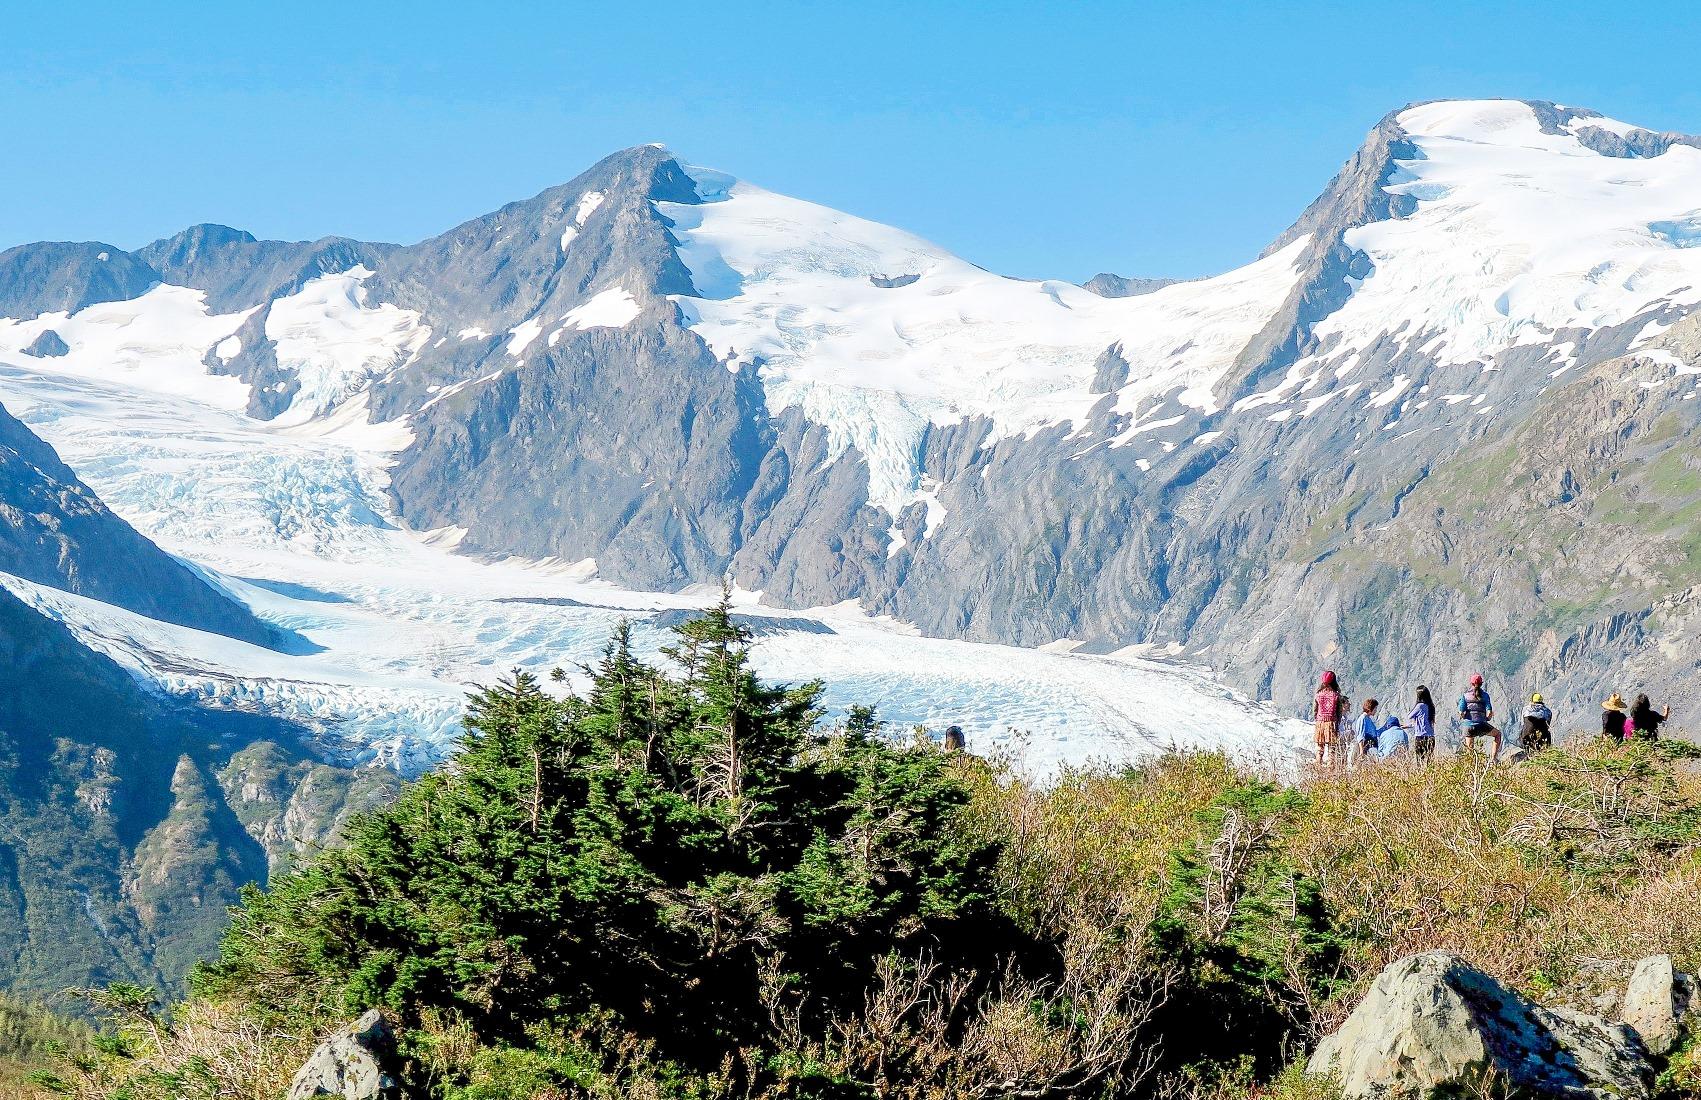 ポーテージ氷河を望むハイキング